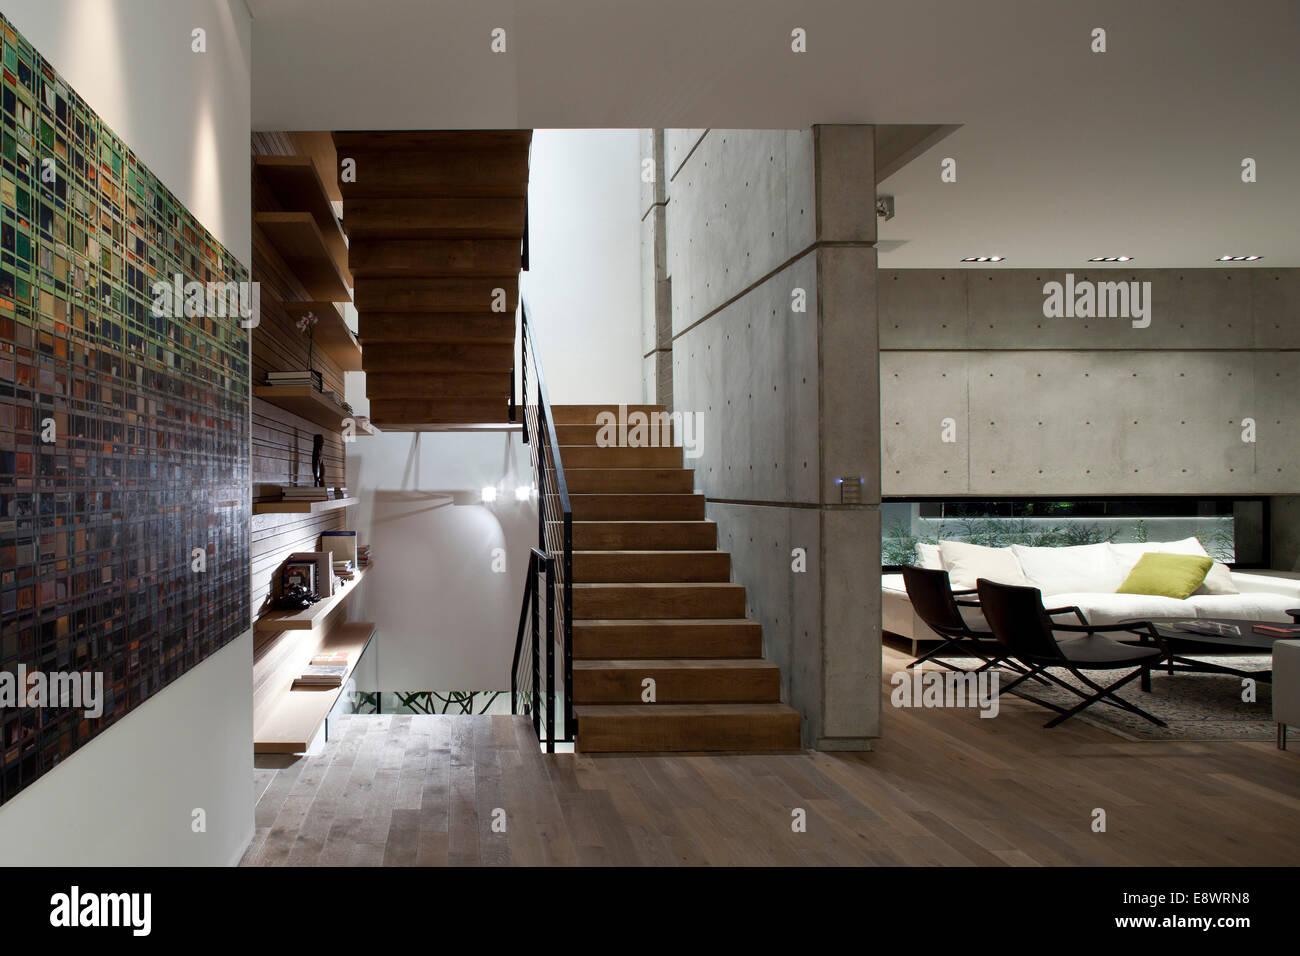 Plan ouvert salon et escalier dans D House, Israël, Moyen Orient ...